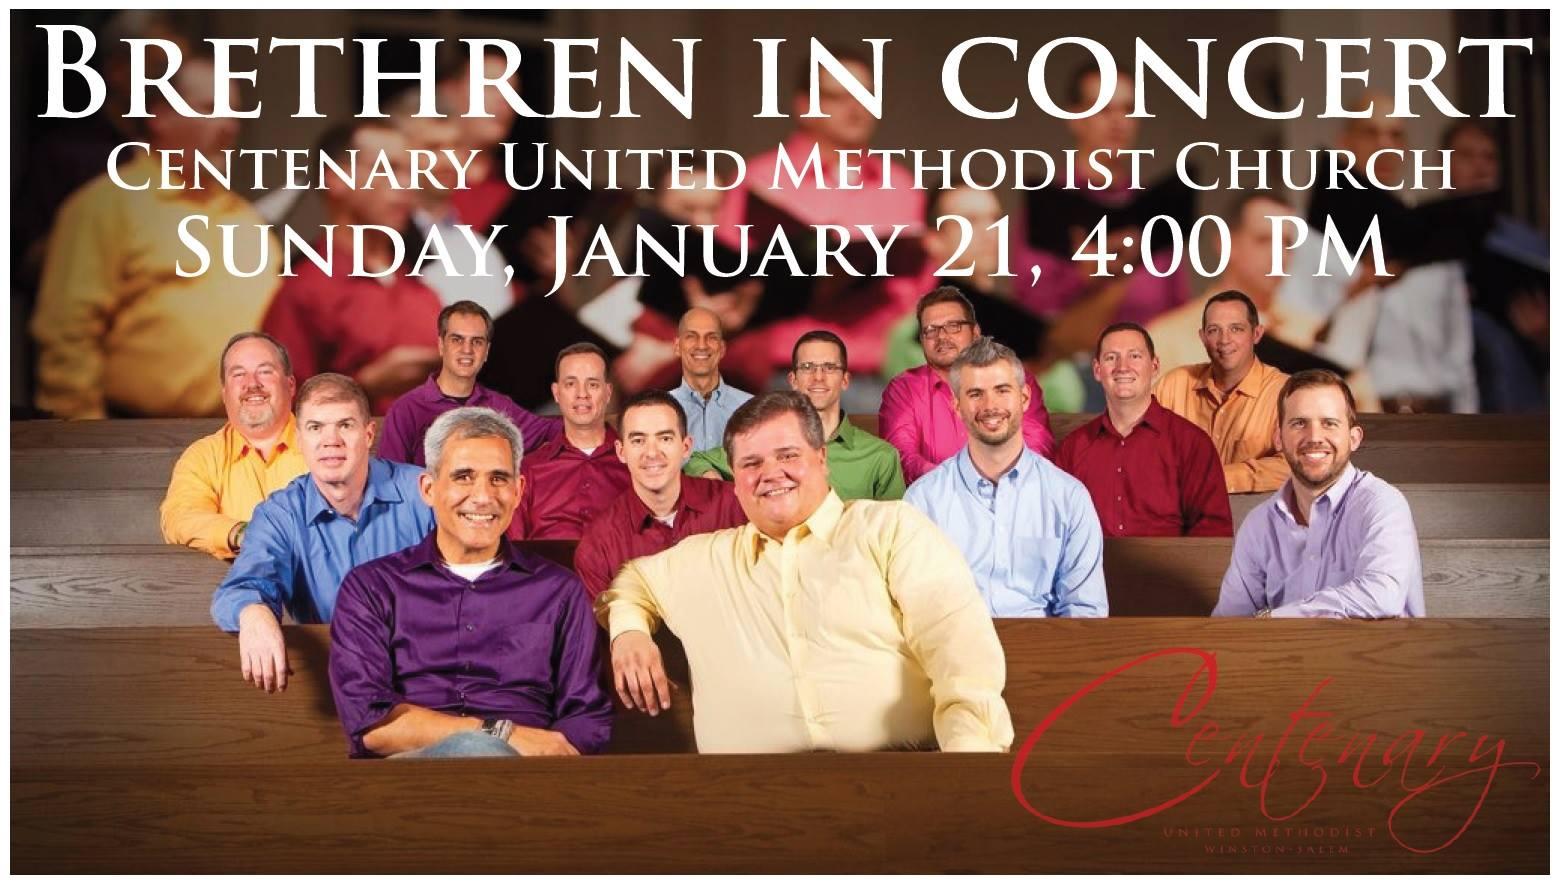 Brethren in Concert